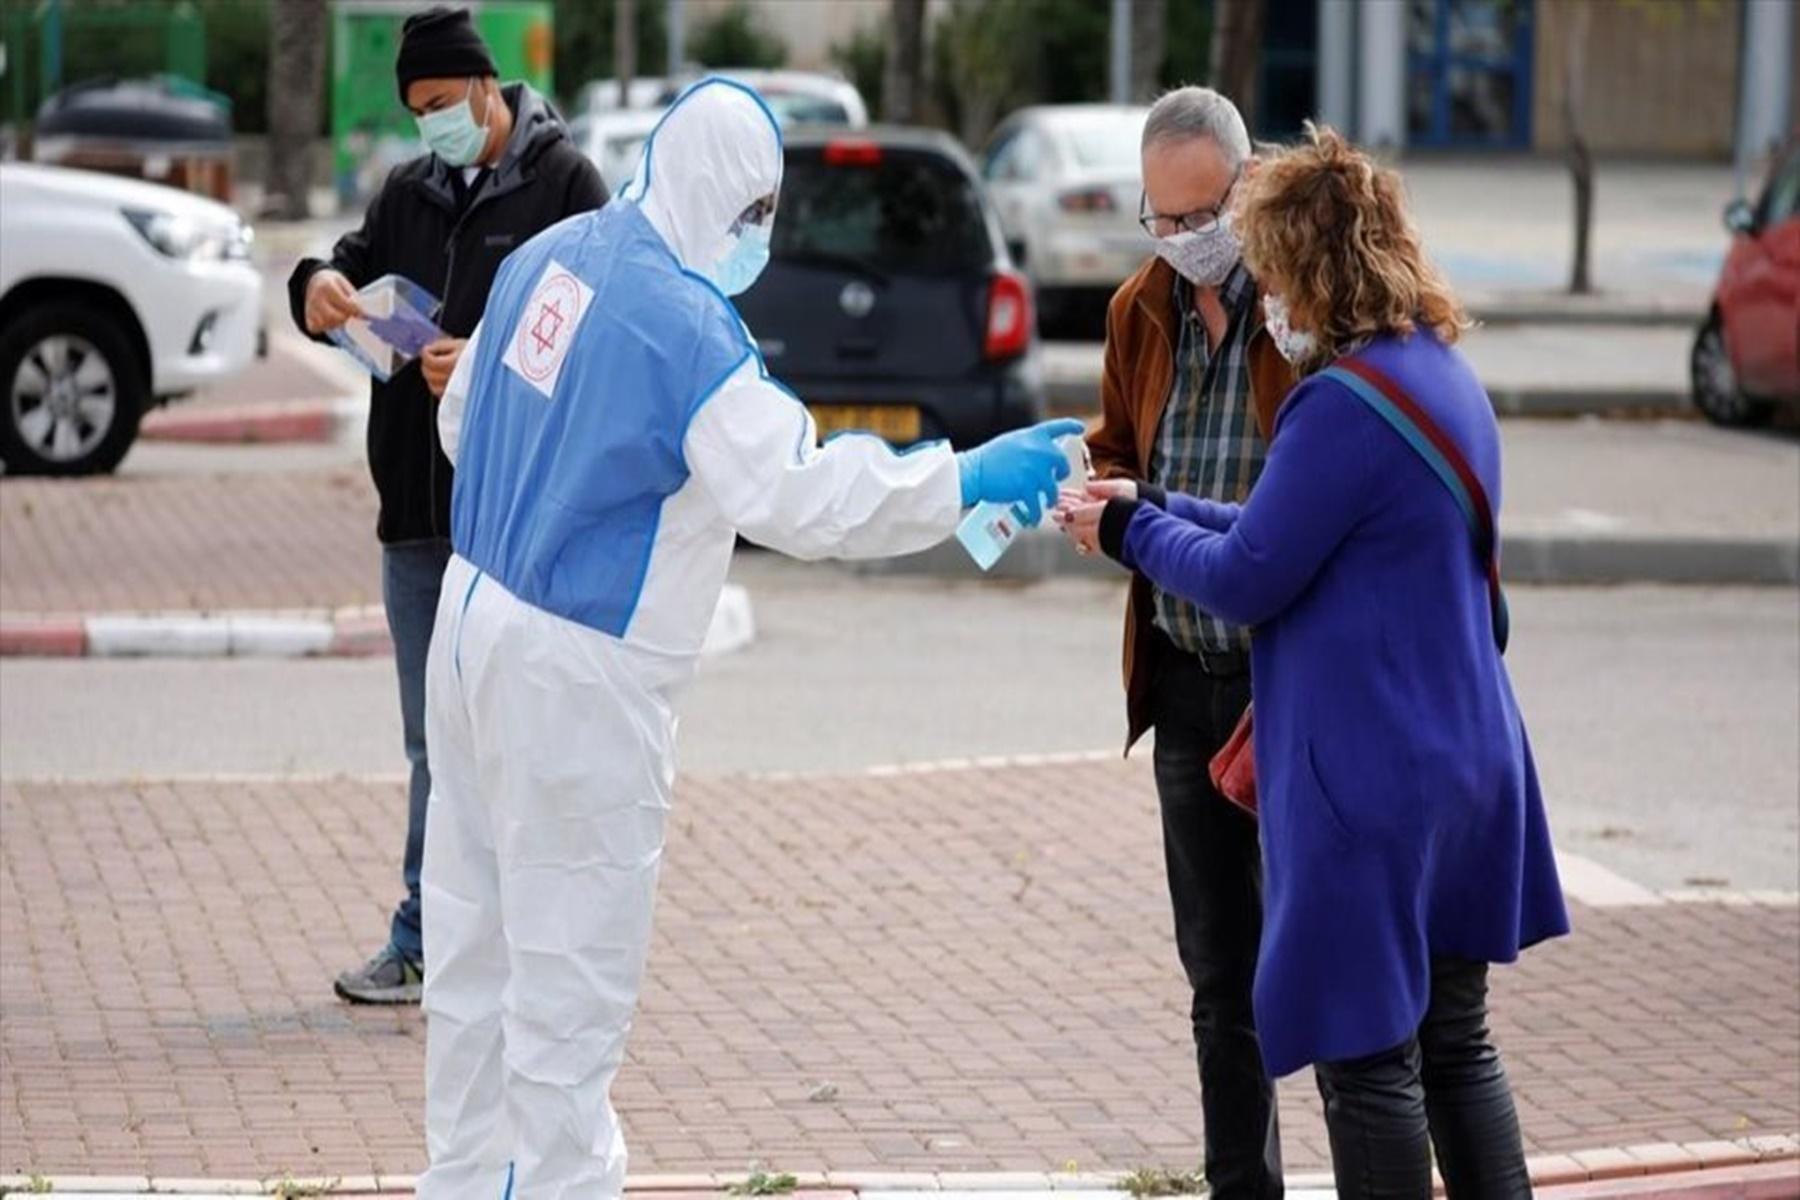 CDC ΗΠΑ : Συστήνουν την χρήση μάσκας σε κλειστούς χώρους